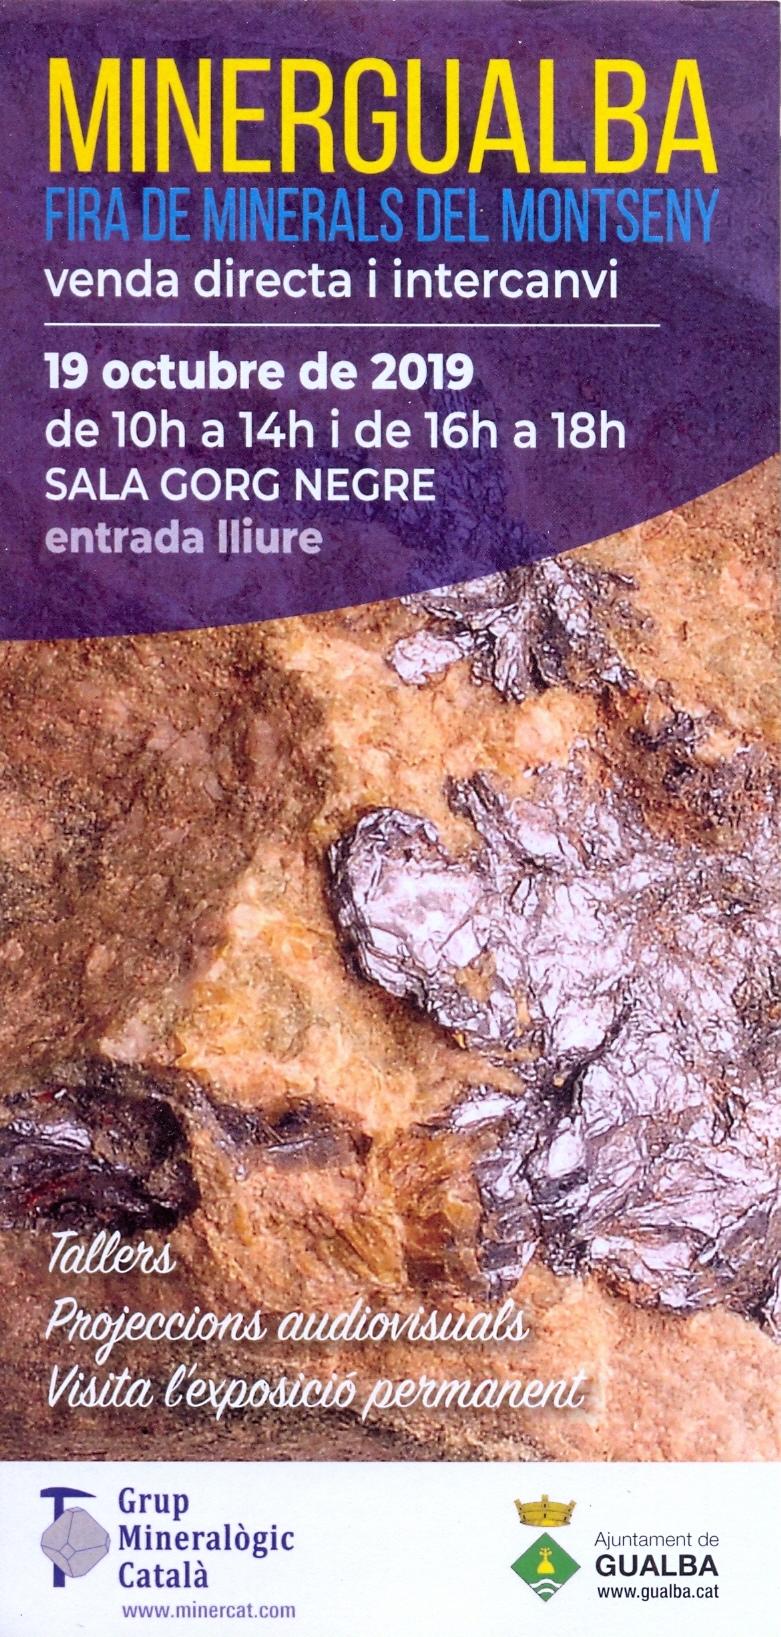 MINERGUALBA 2019 (2ª edició) Escane10